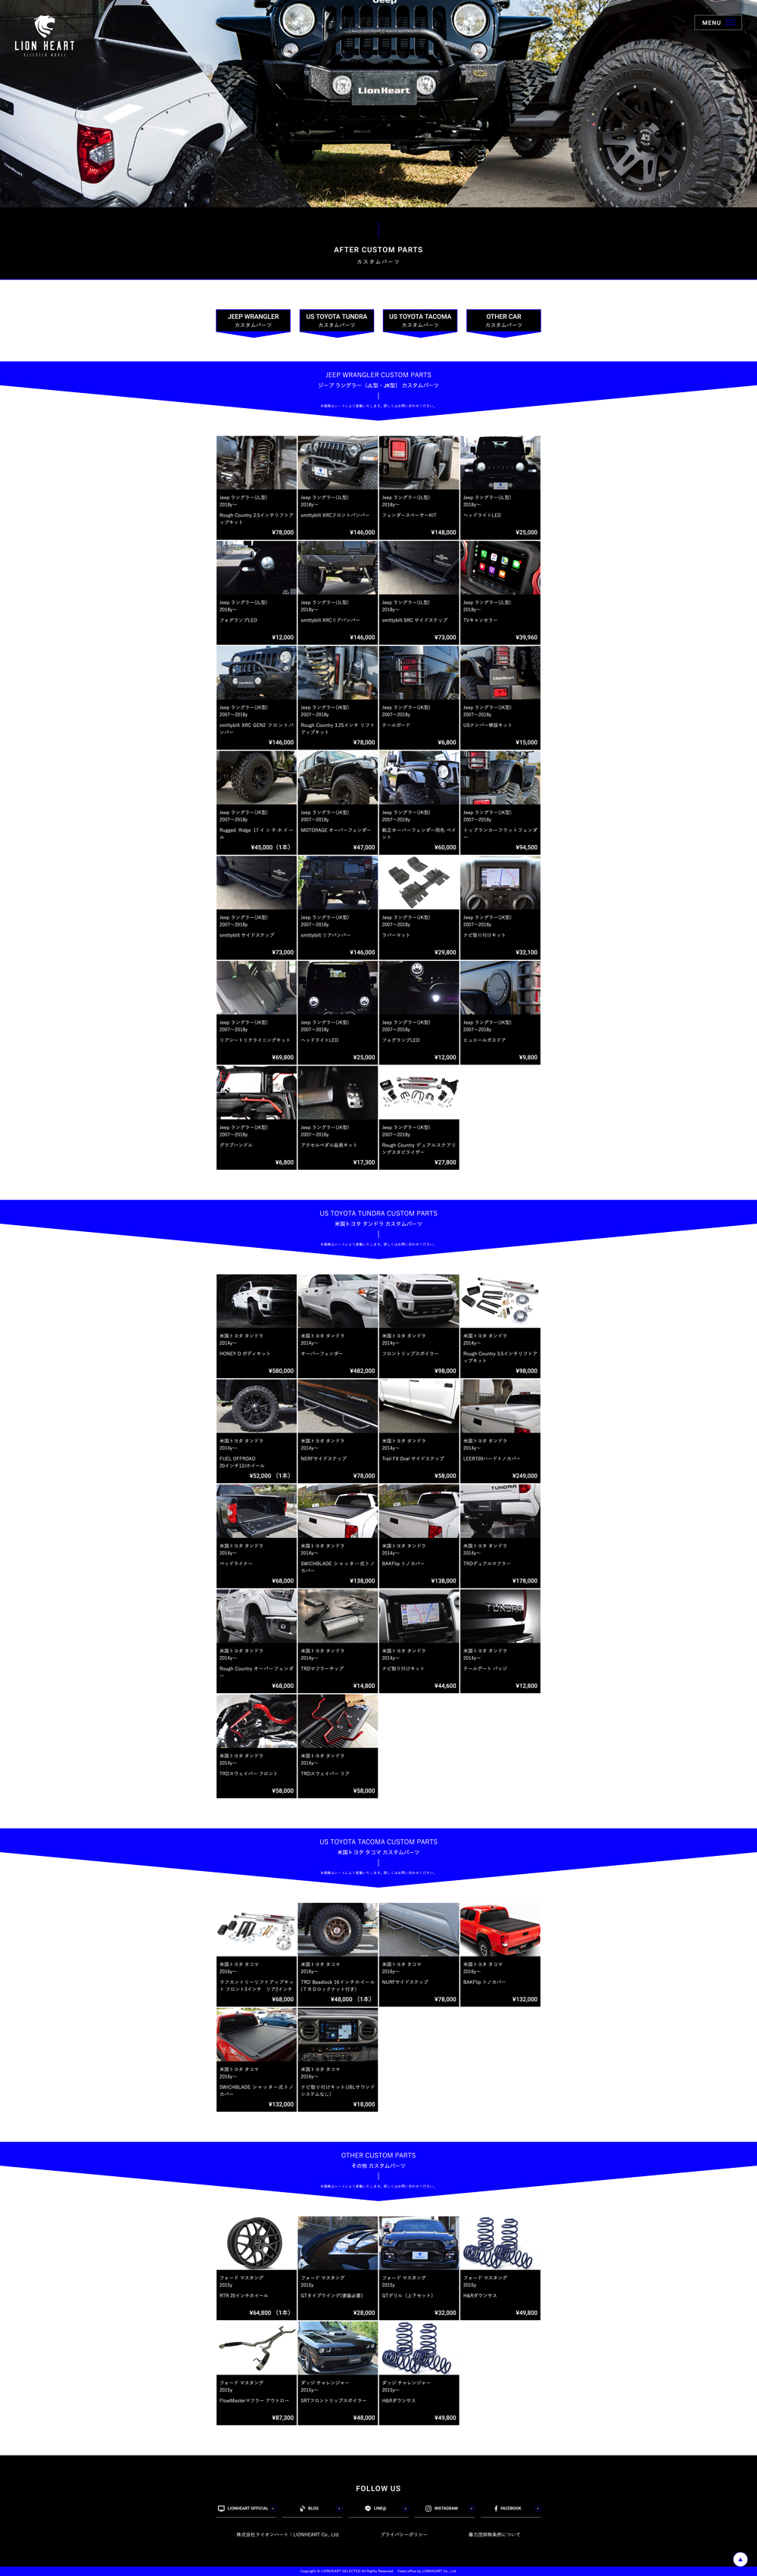 株式会社 ライオンハート様 新規ホームページ イメージ03